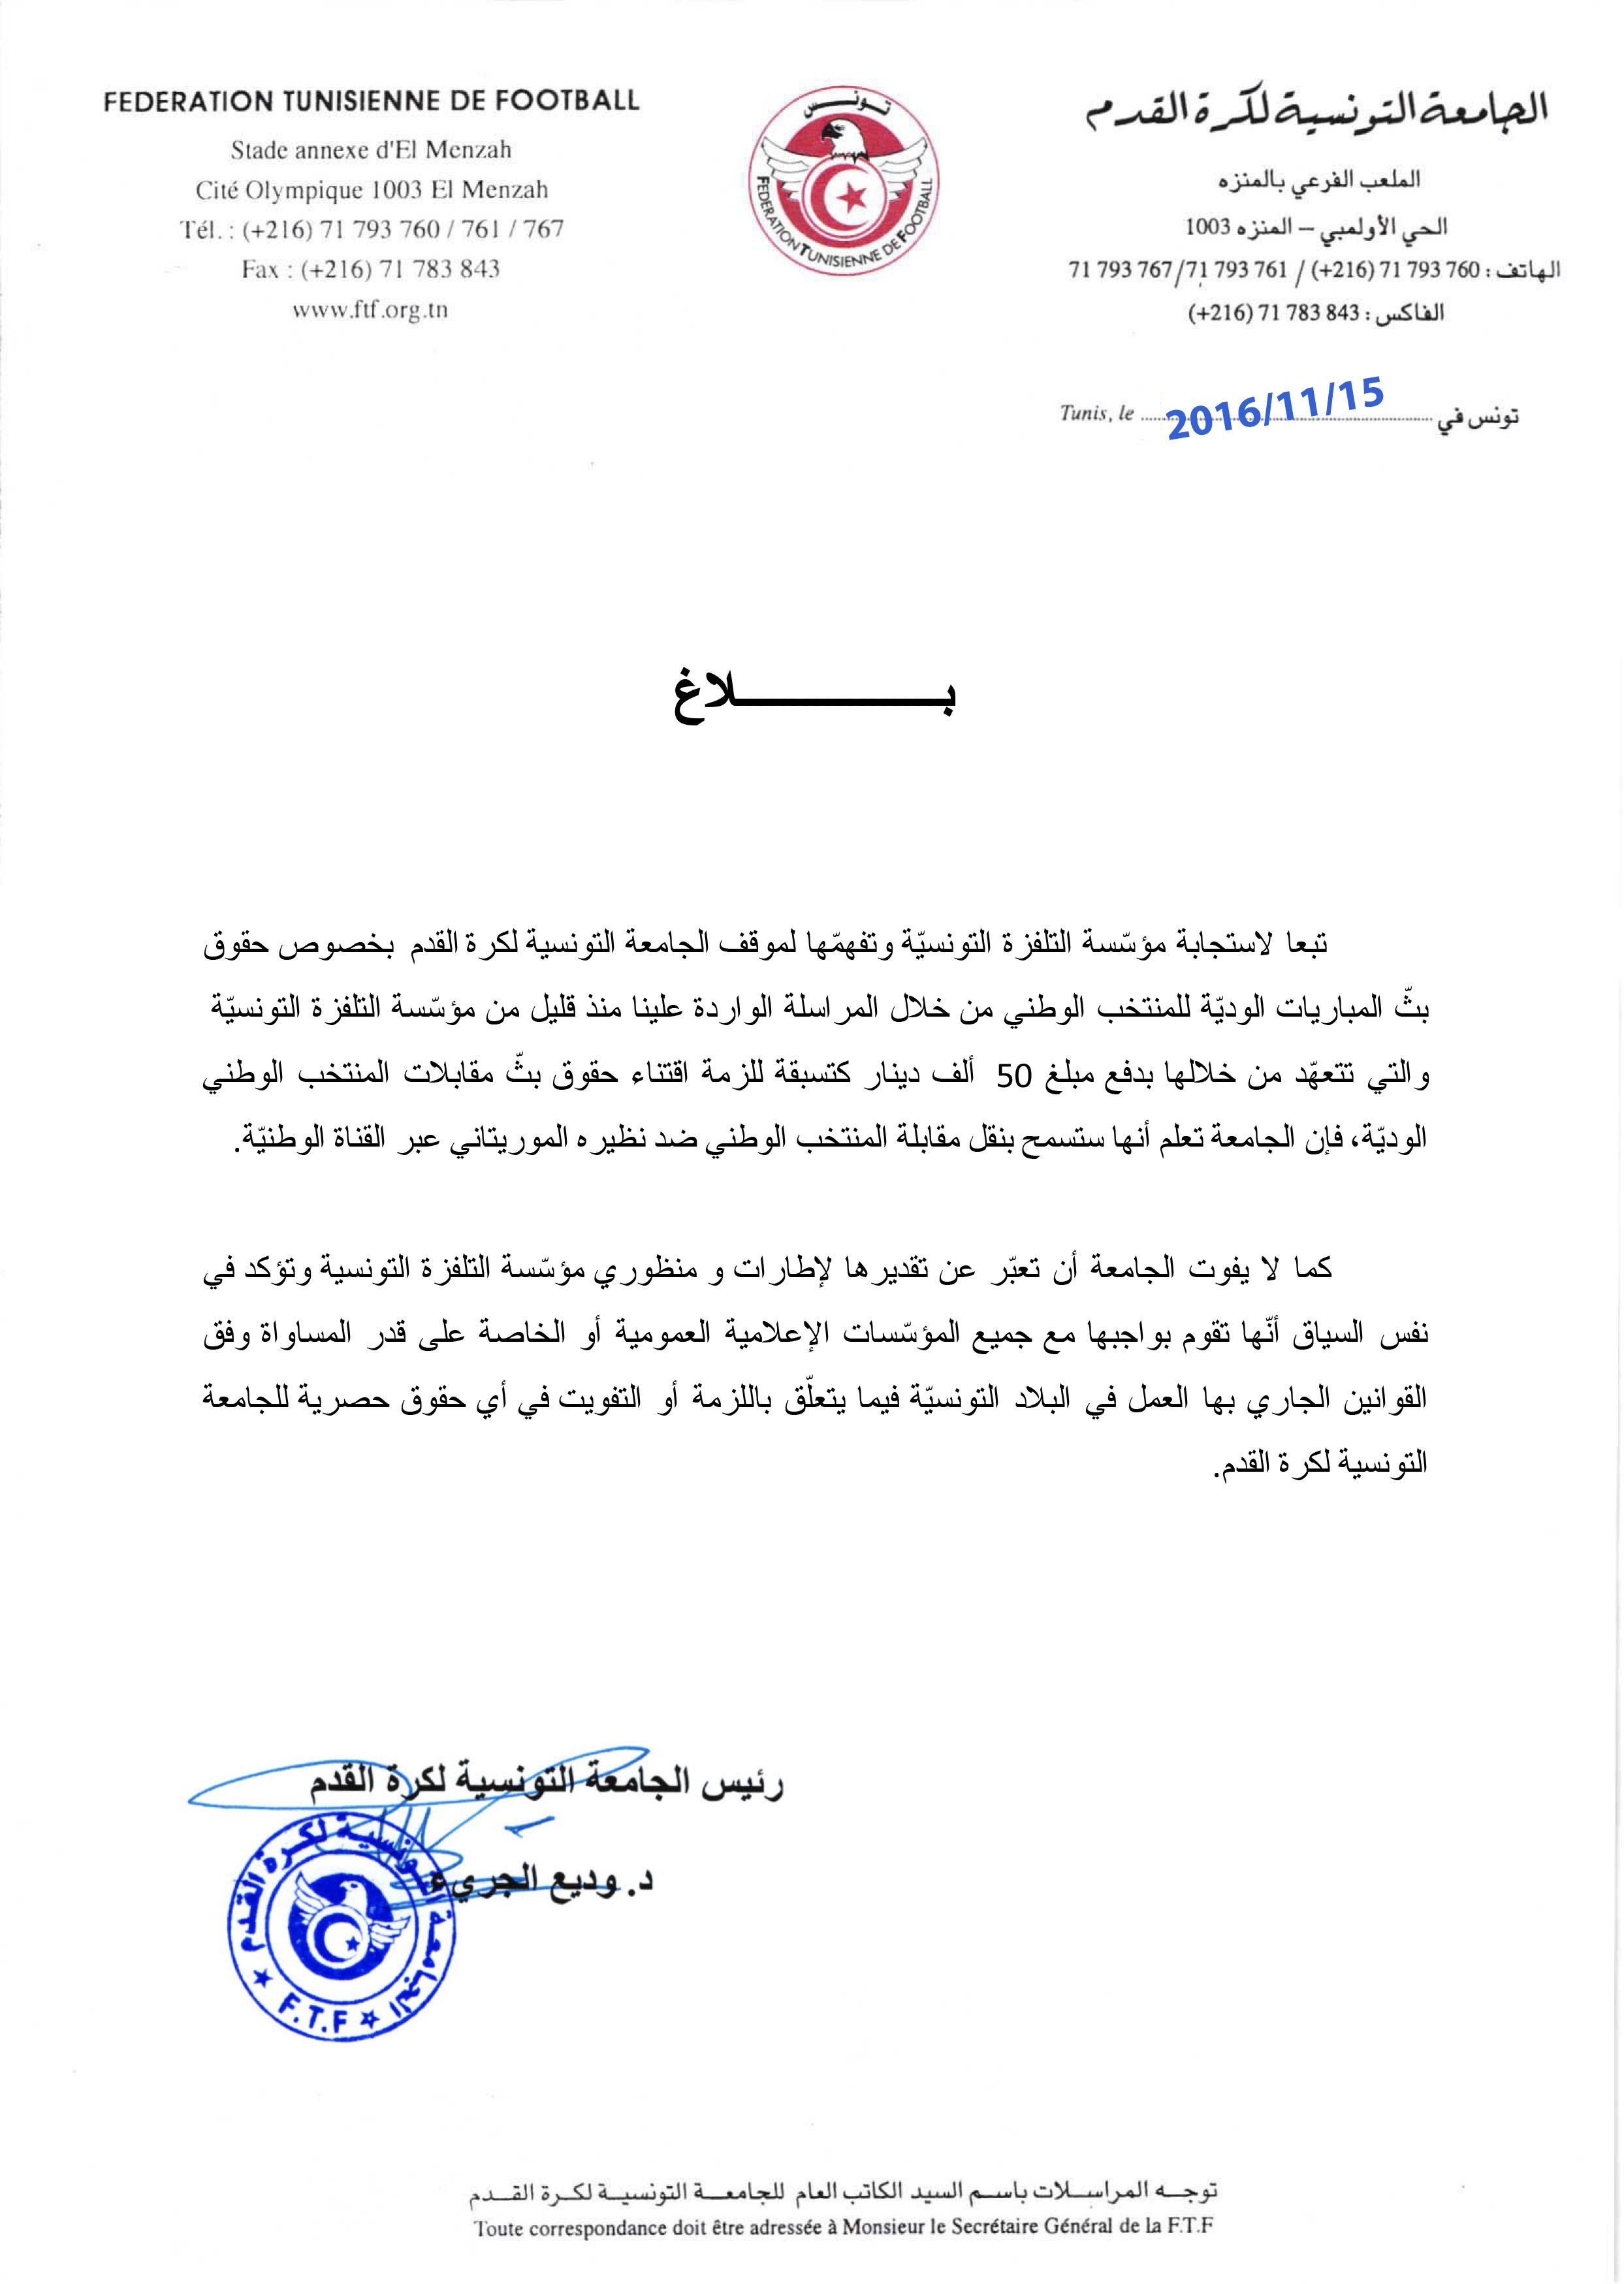 Communiqué FTF - Retransmission télévisée du match Tunisie-Mauritanie